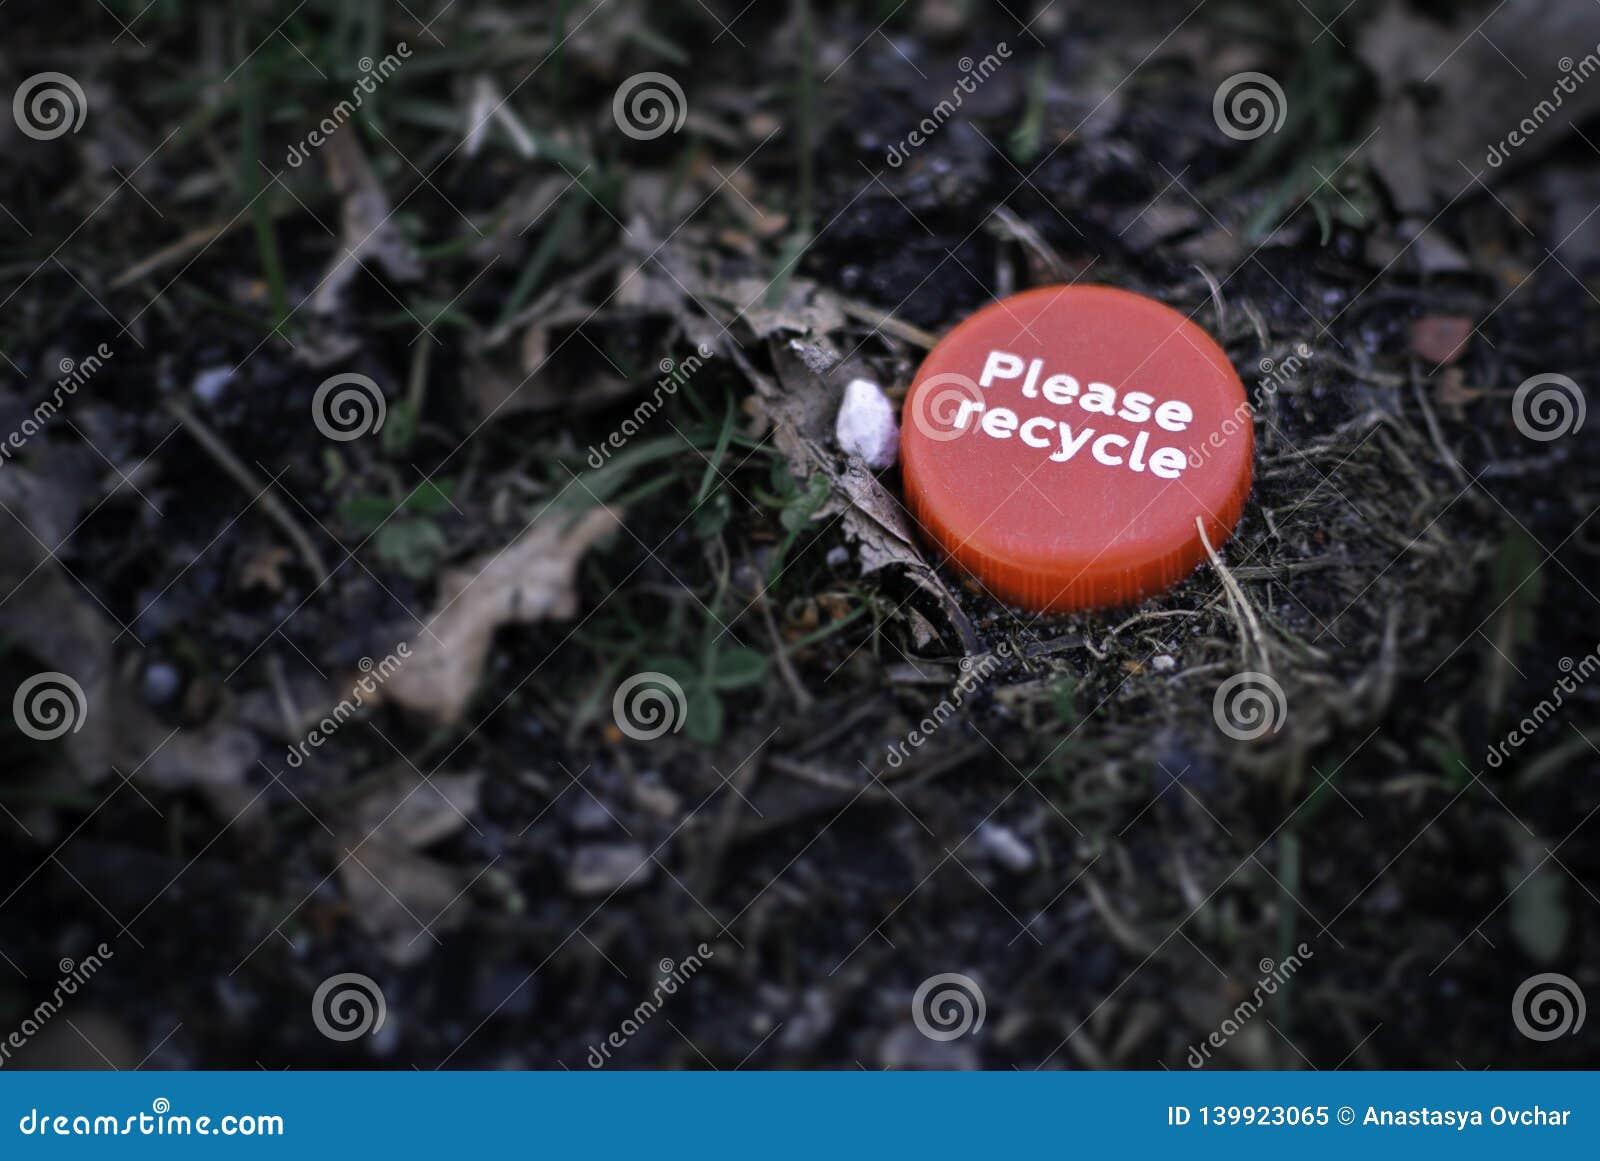 红色瓶盖与'请回收'讽刺地说谎在草地面的消息在公园中间 回收概念